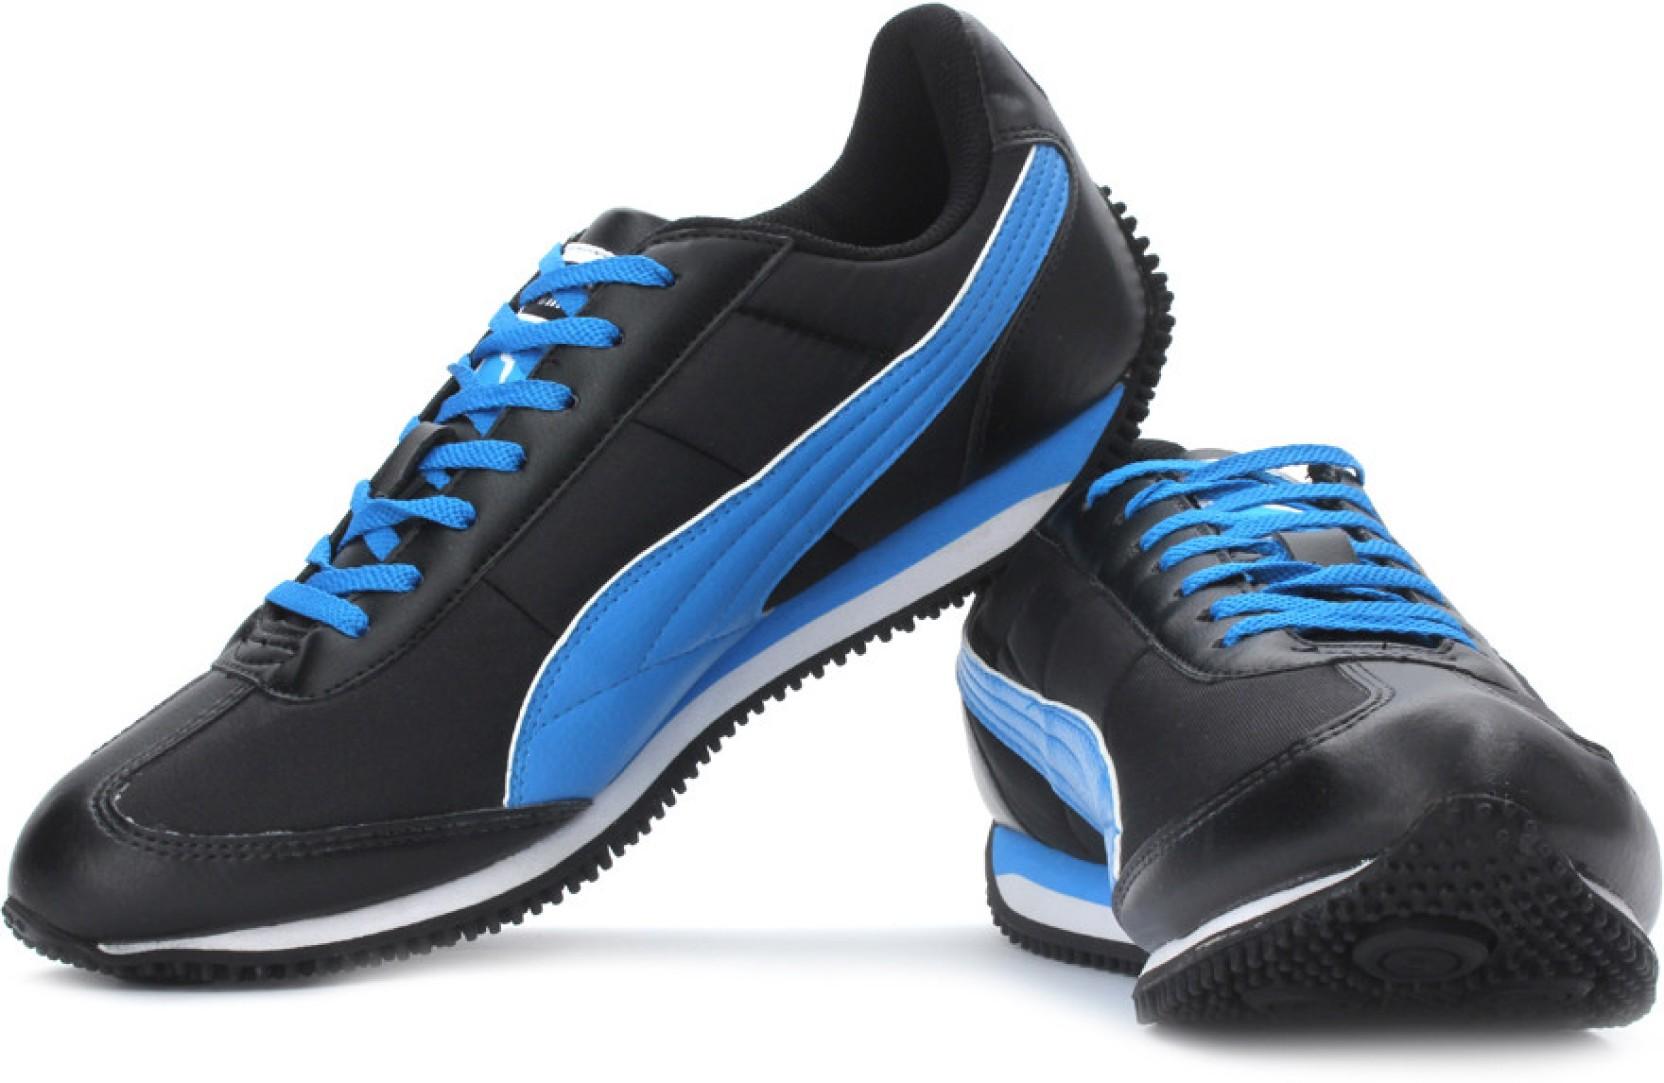 Puma Speeder Shoes Price In India